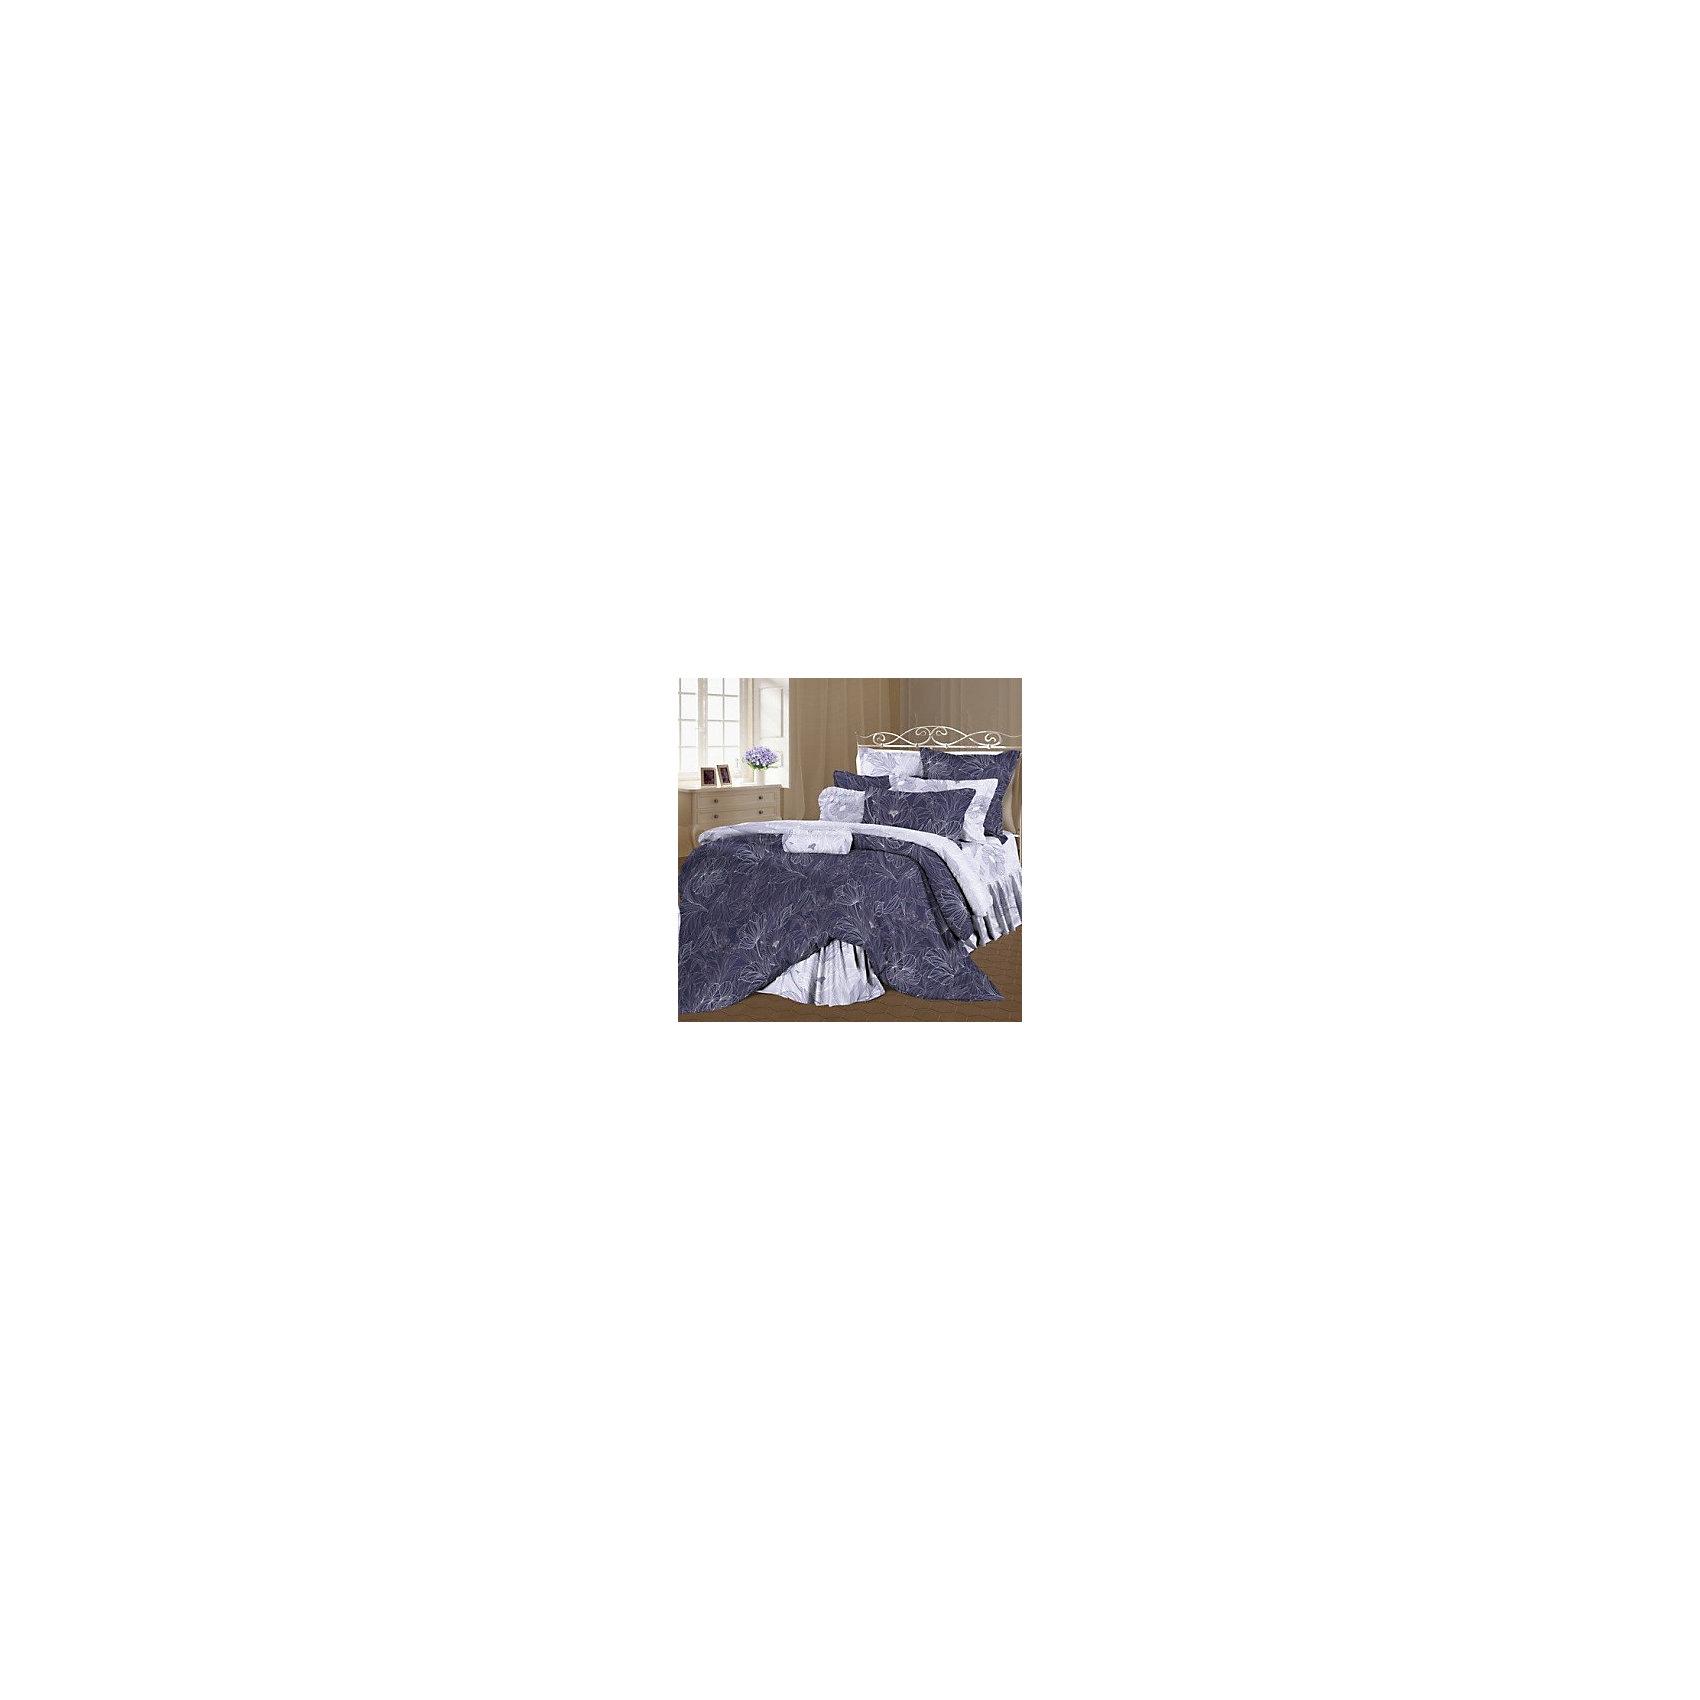 Постельное белье 1,5 Консуэло перкаль, РомантикаДомашний текстиль<br>Характеристики товара:<br><br>• материал: хлопок;<br>• пододеяльник 215х145 см<br>• простыня 220х150 см<br>• 2 наволочки 70х70 см;<br>• размер упаковки 50х50х15 см;<br>• вес упаковки 1,4 кг;<br>• страна производитель: Россия.<br><br>Постельное белье 1,5-спальное «Консуэлло» перкаль Романтика обеспечит уютный и спокойный сон. Комплект изготовлен из мягкого перкаля — хлопчатобумажной ткани особой прочности и износостойкости, приятной на ощупь. Она не вызывает аллергических реакций, не линяет и не теряет цвет после стирки.<br><br>Постельное белье 1,5-спальное «Консуэлло» перкаль Романтика можно приобрести в нашем интернет-магазине.<br><br>Ширина мм: 500<br>Глубина мм: 500<br>Высота мм: 150<br>Вес г: 1405<br>Возраст от месяцев: 36<br>Возраст до месяцев: 216<br>Пол: Унисекс<br>Возраст: Детский<br>SKU: 5136353